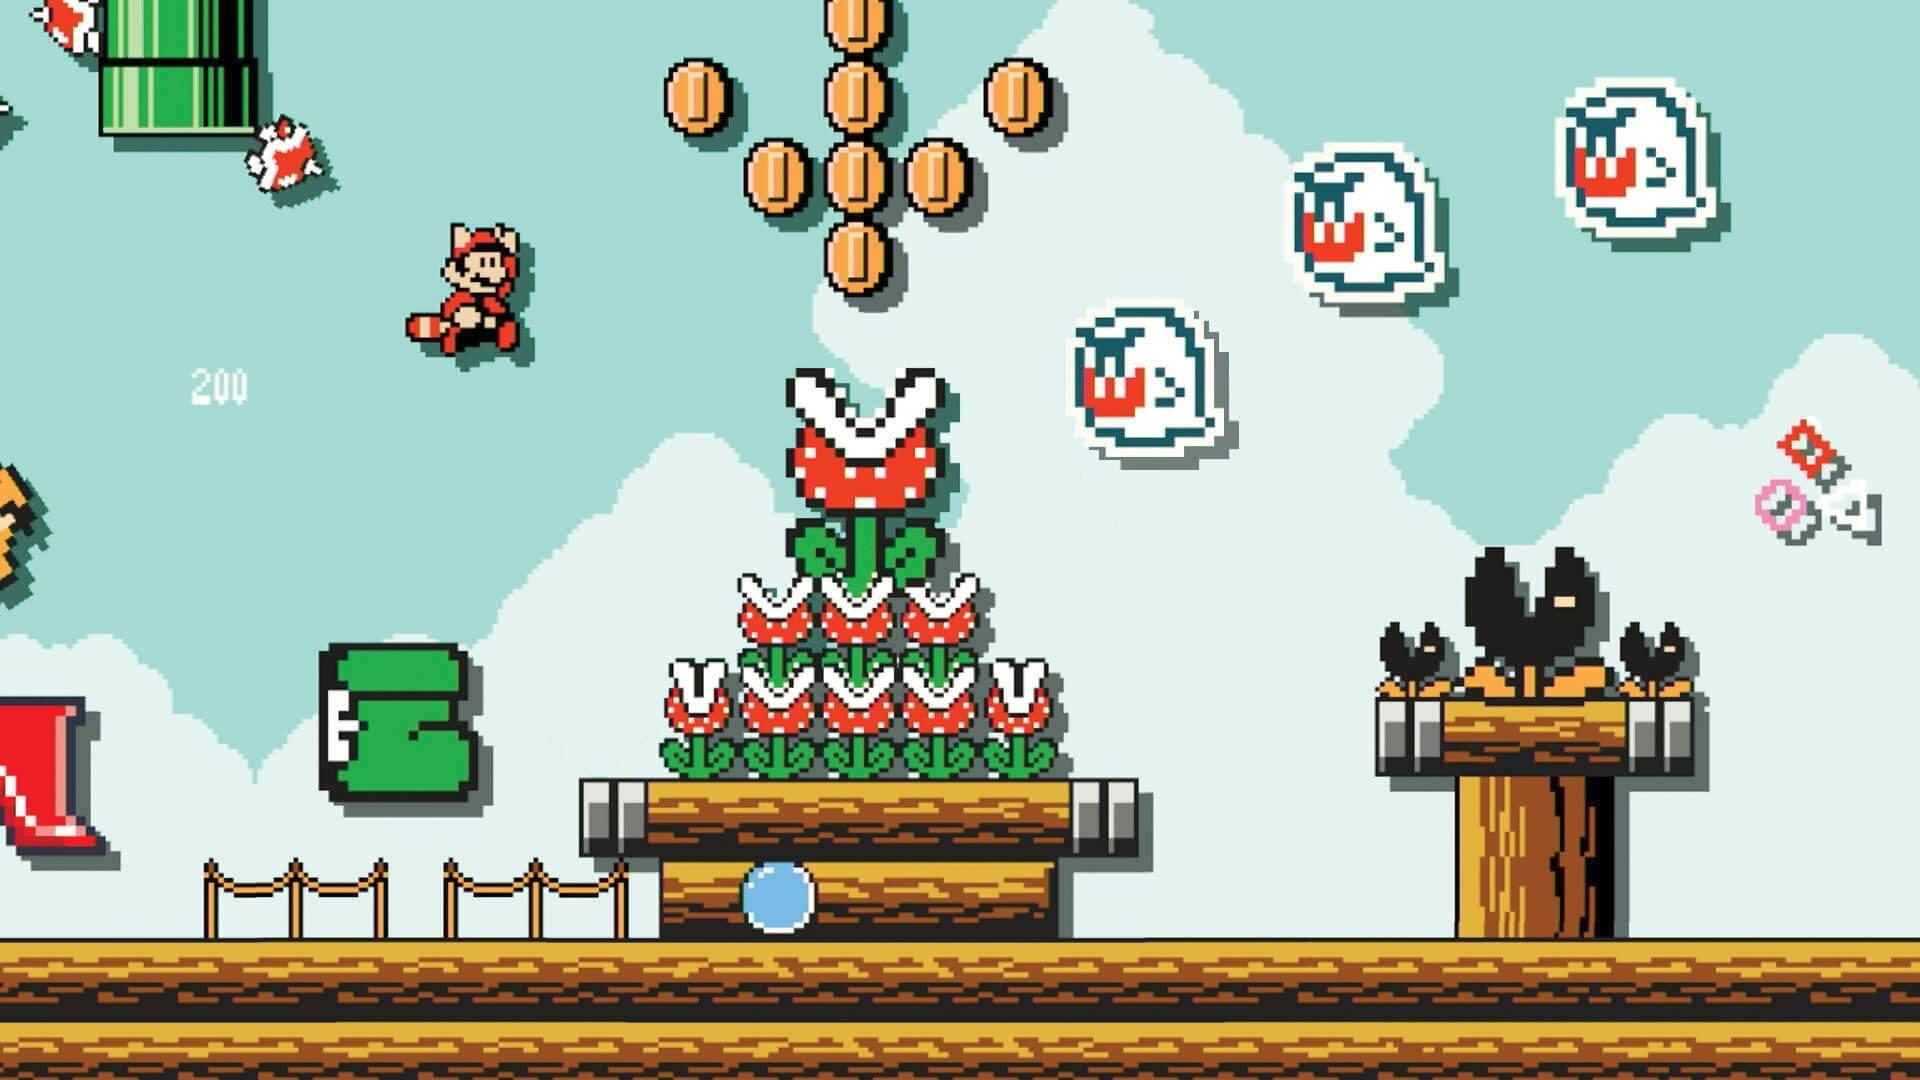 Обзор игры Super Mario Maker: сам себе геймдизайнер | Hi-News ru